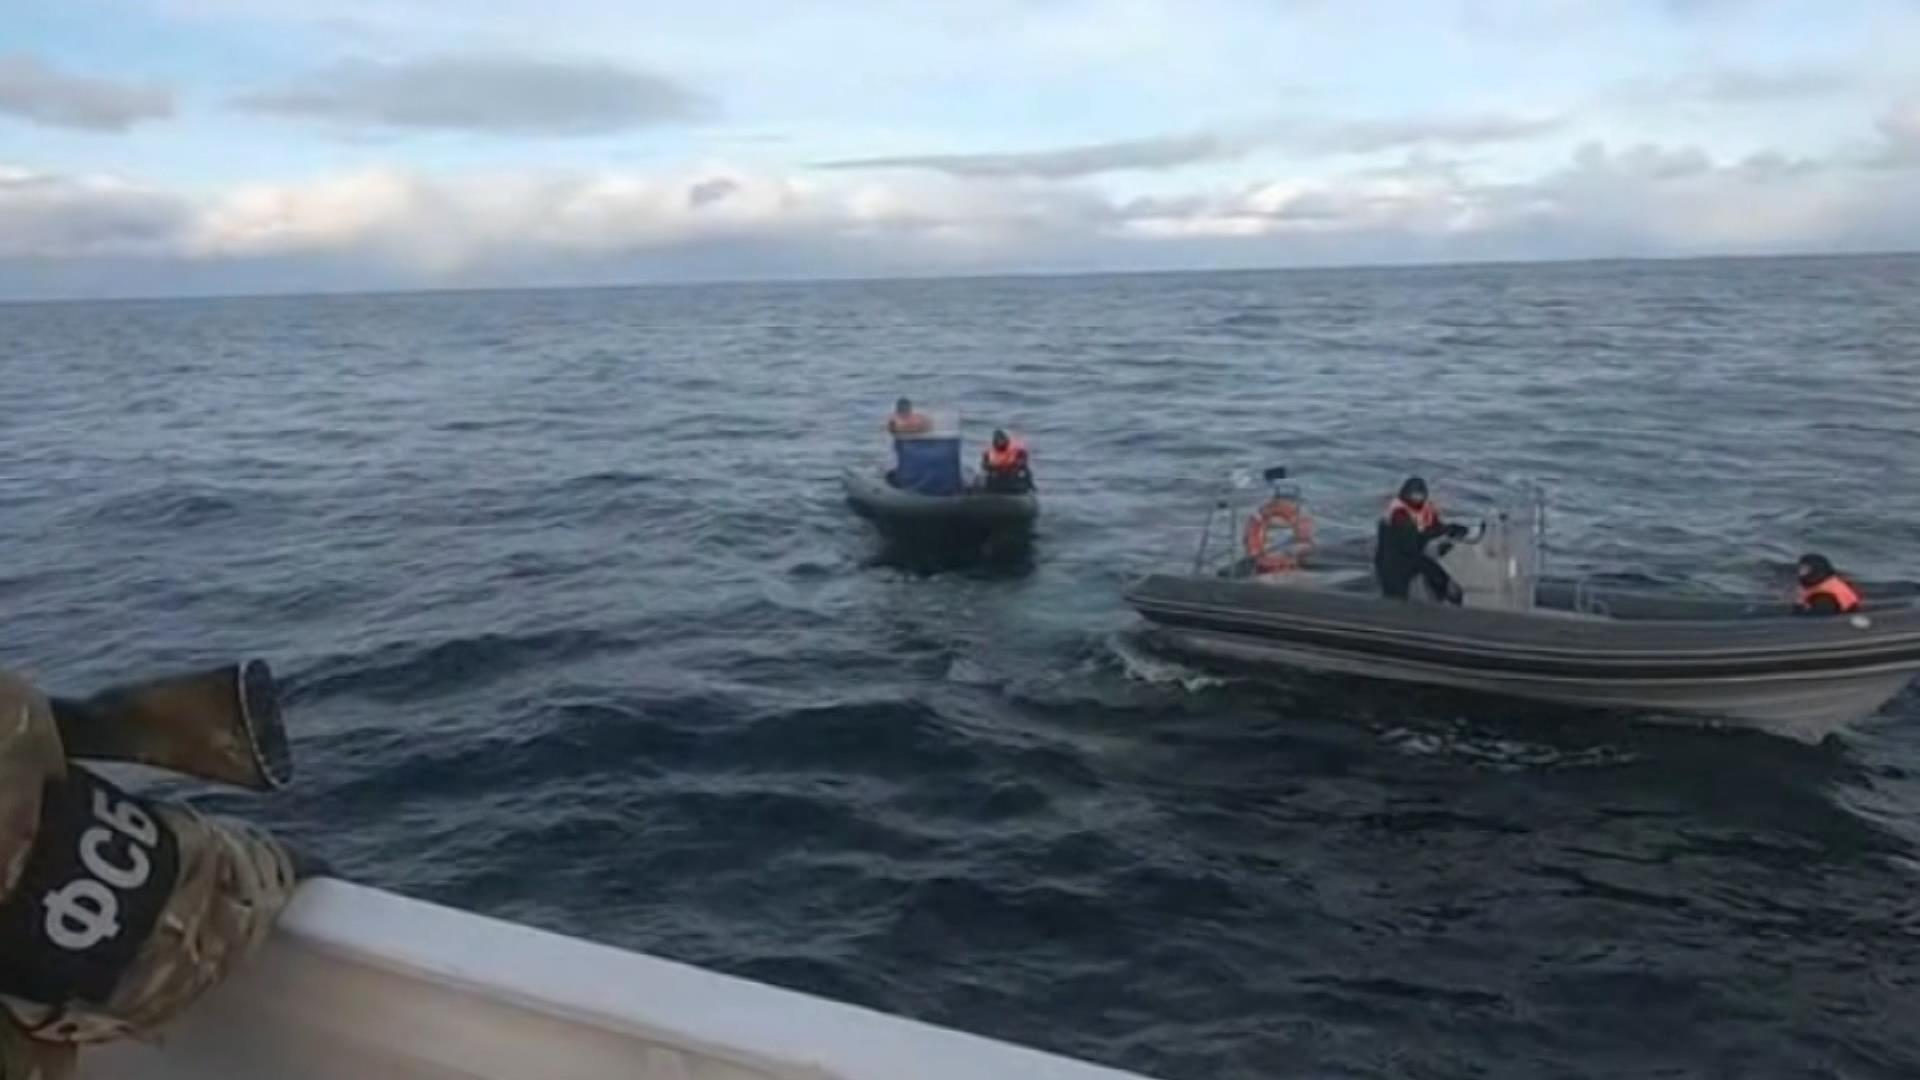 Rusya'dan Kuzey Buz Denizi'nde göçmen operasyonu